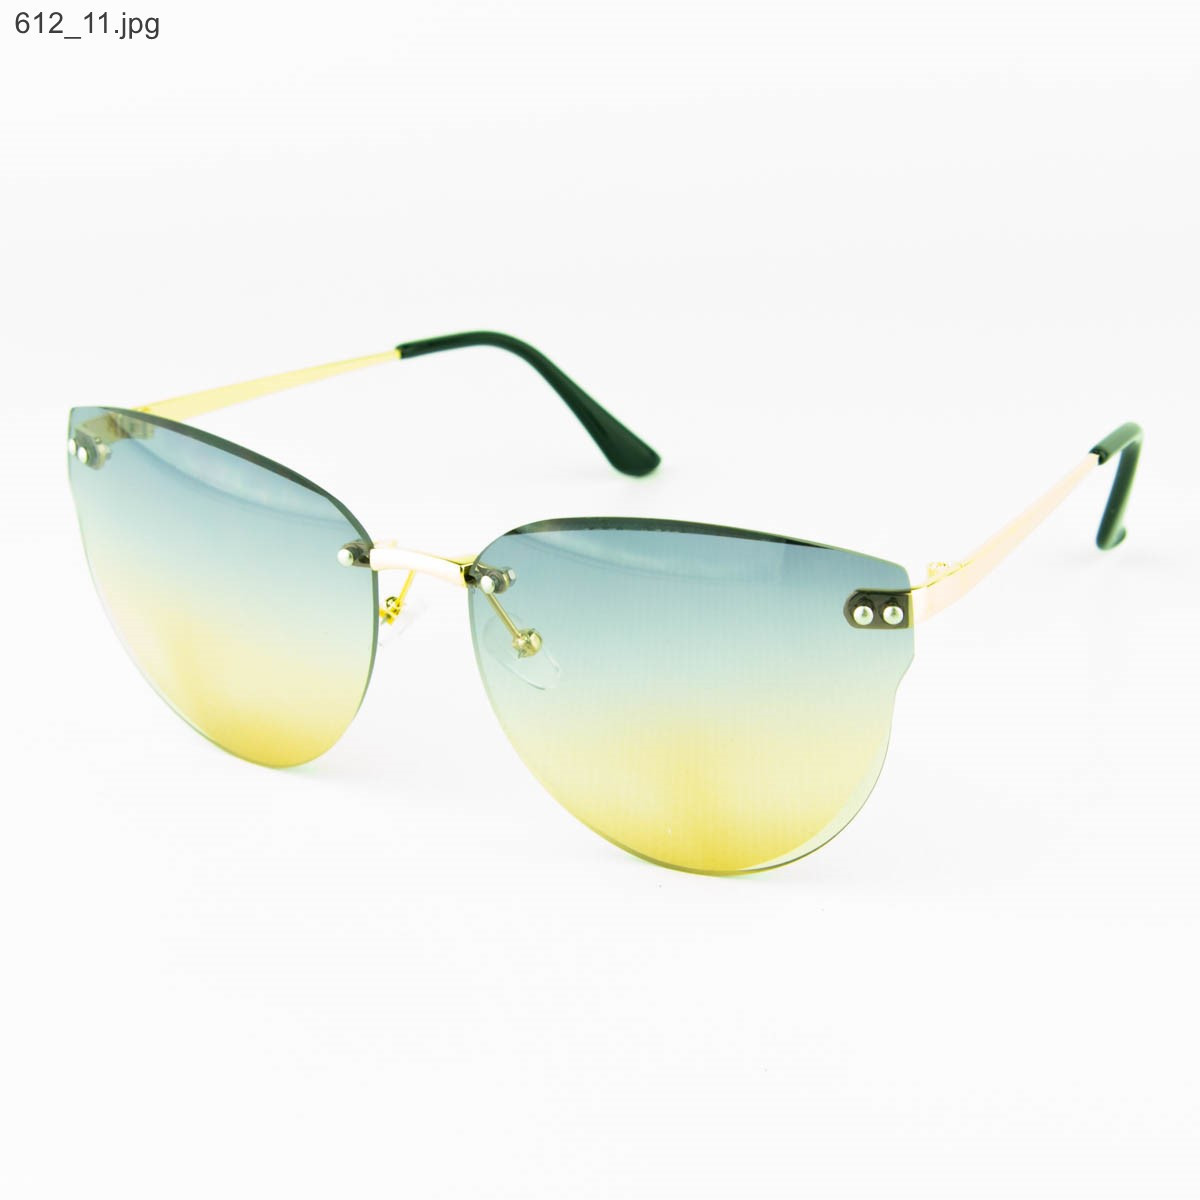 Оптом женские очки солнцезащитные - Цветные - 612